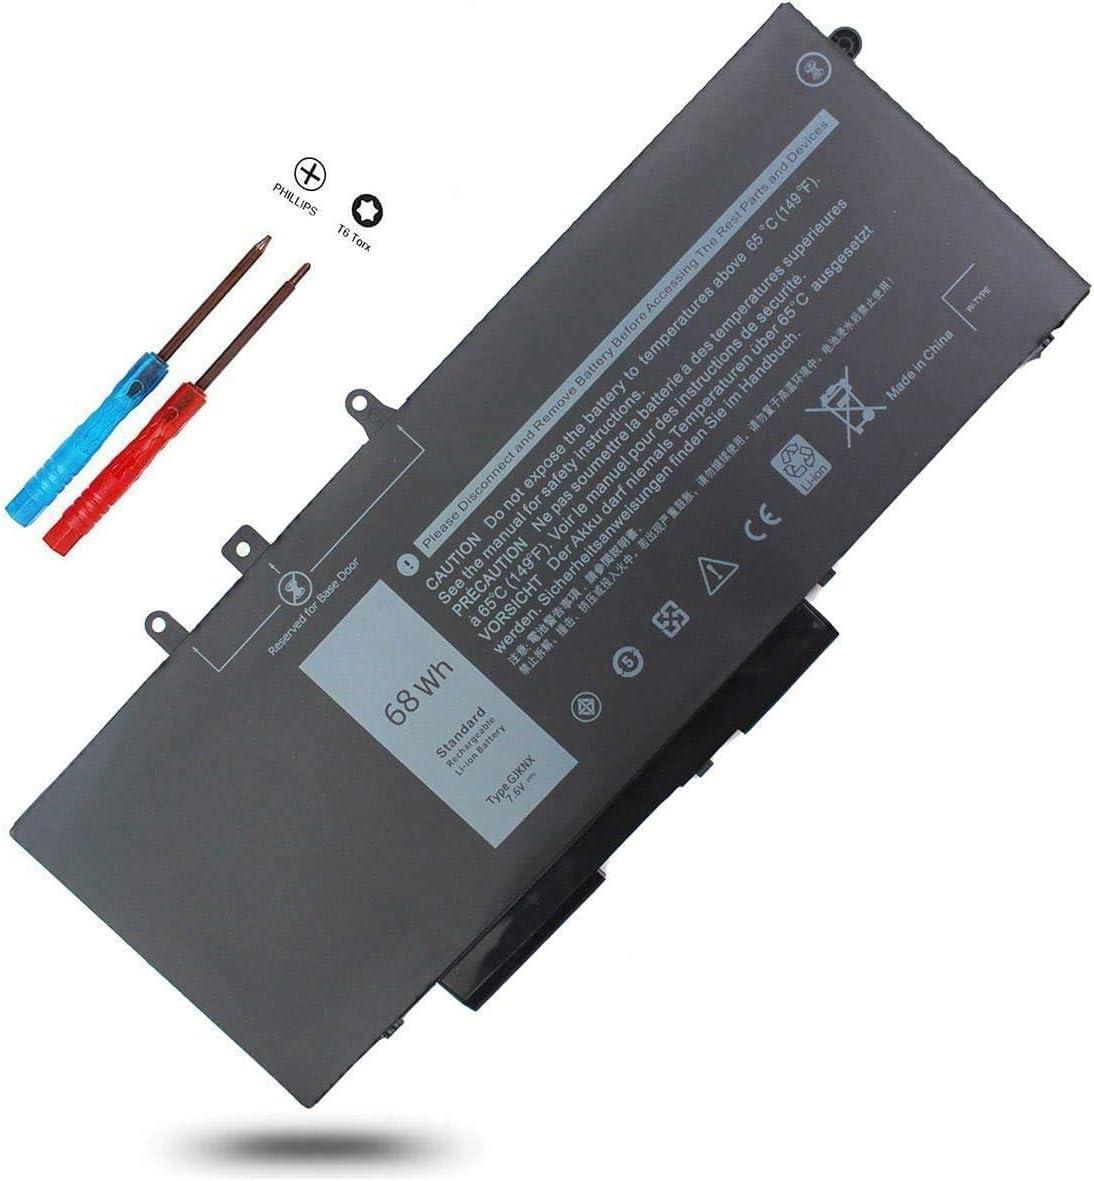 451-BBZG GJKNX Laptop Battery for Dell Latitude 5590 5480 5580 5280 5490 5491 5591 E5480 E5580 E5490 E5590 E5491 E5591, Precision 15 3520 3530 M3520 M3530,GD1JP 5YHR4 DY9NT FPT1C KCM82 0GJKNX 0GD1JP